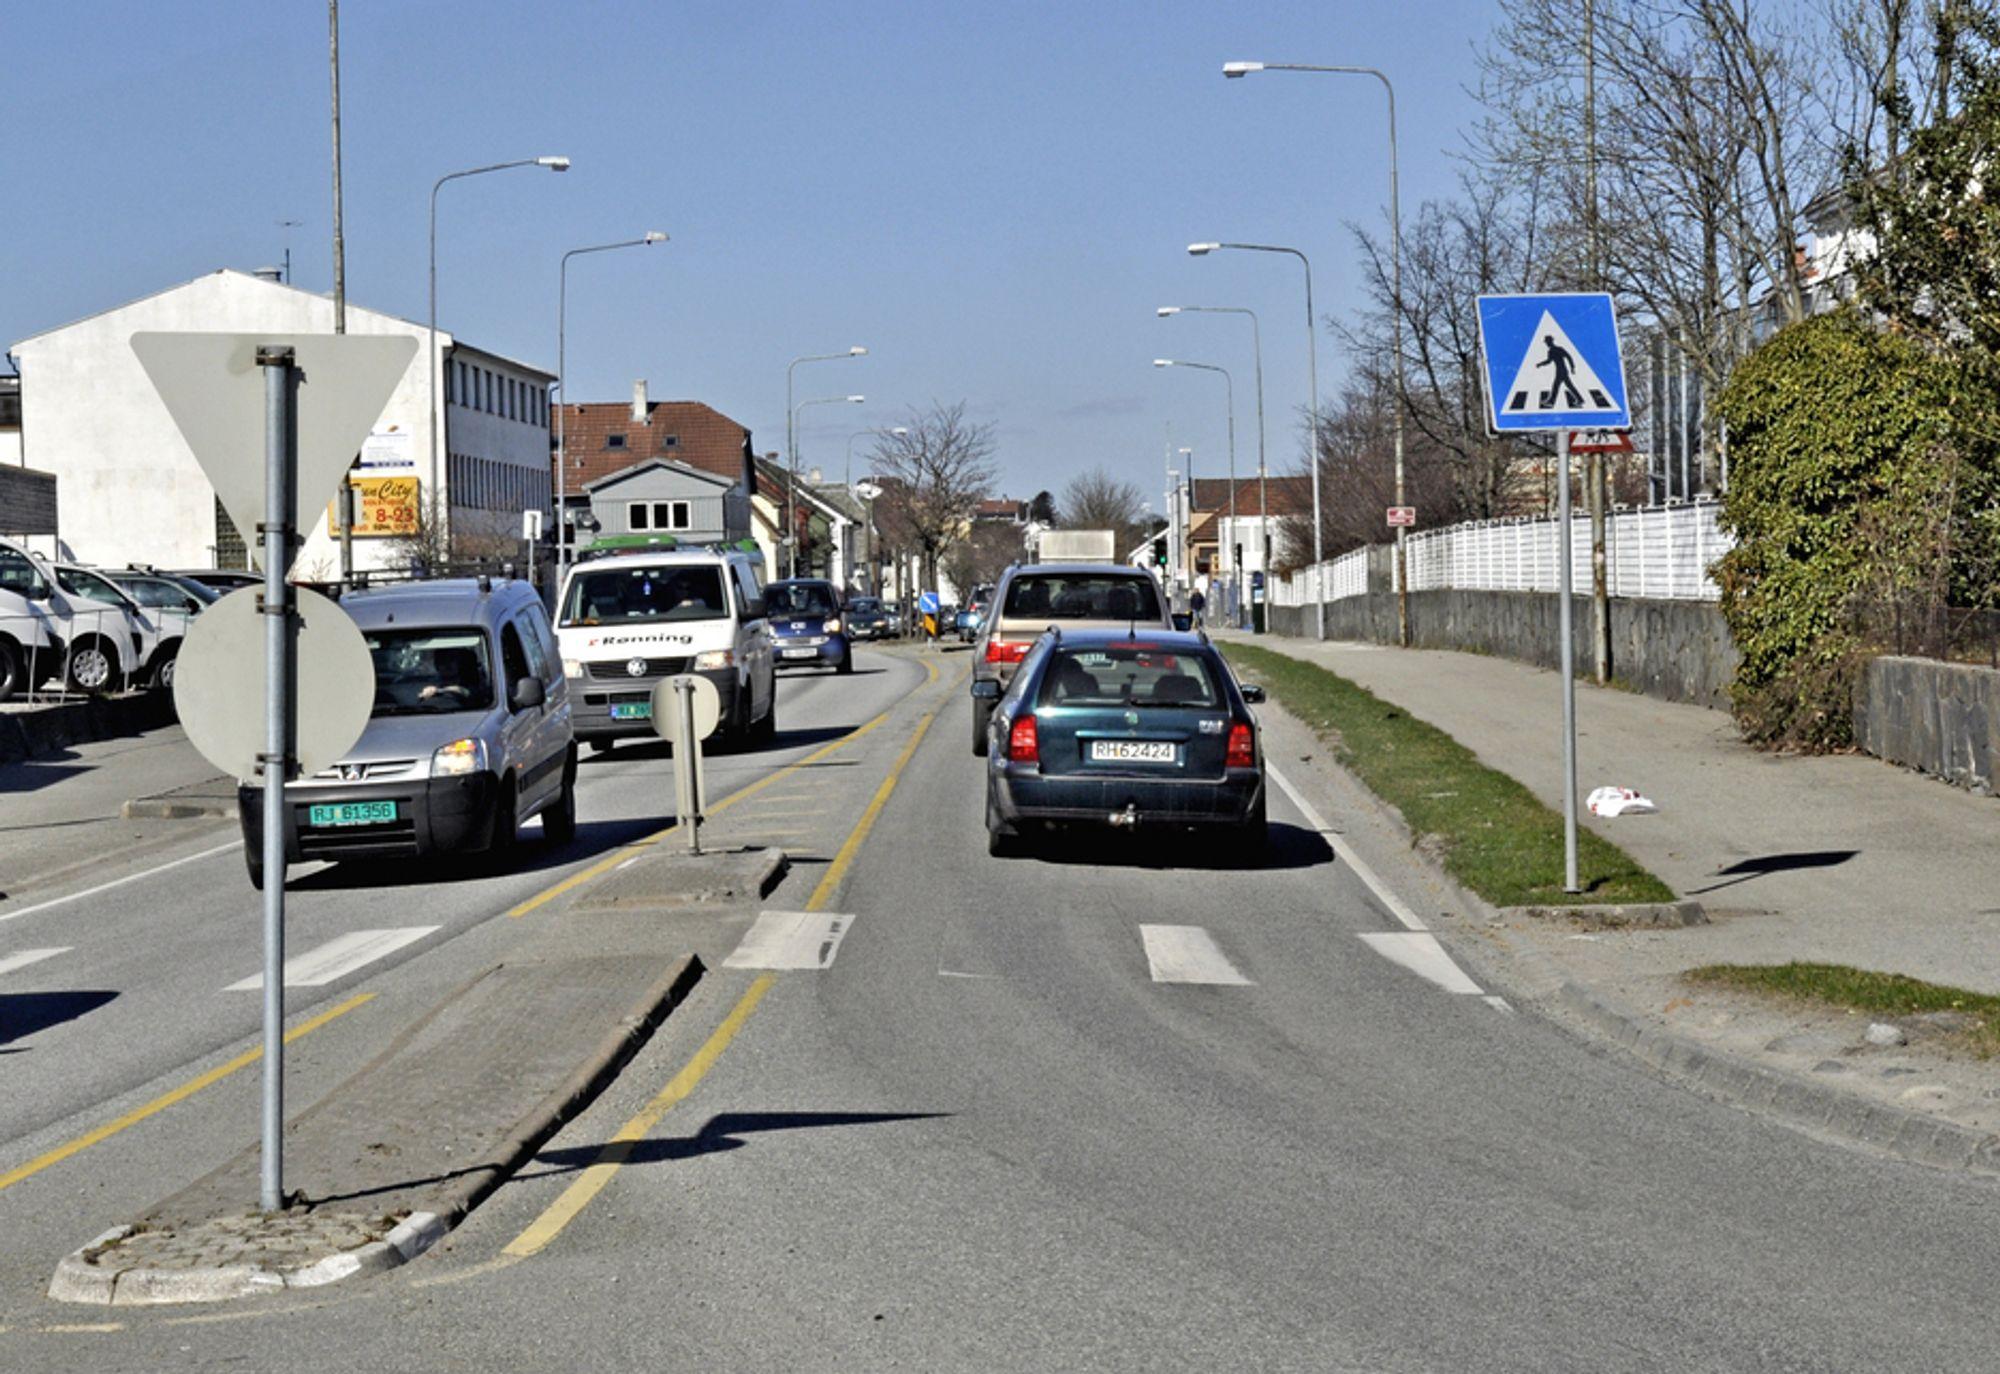 Fylkesveg 44, Hillevågsveien blir forskøvet 7-8 meter mot høyre for å få plass til de to nye feltene. T Stangeland Maskin leder kampen om kontrakten.